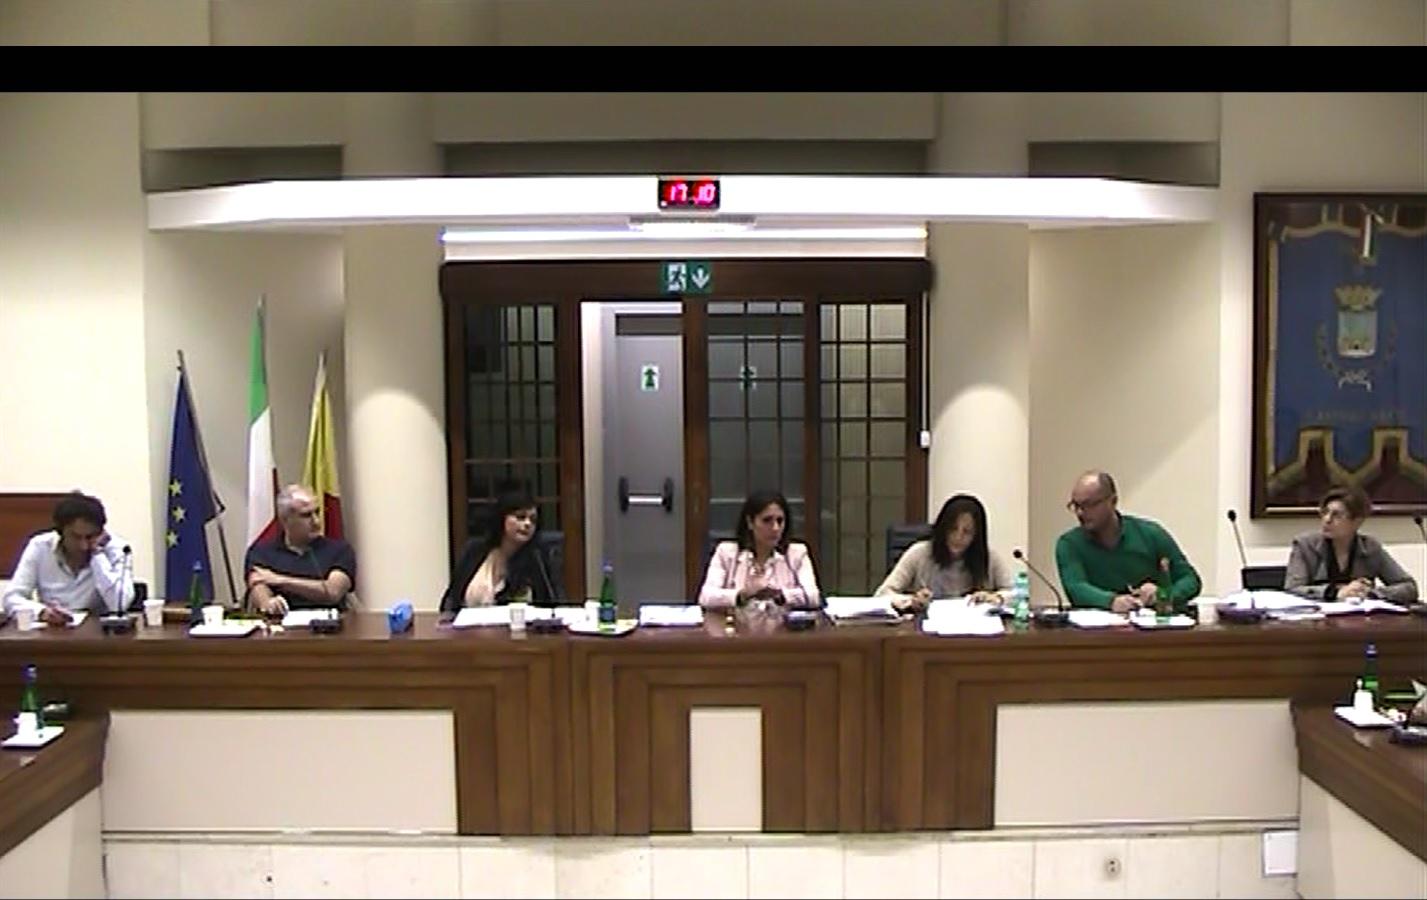 consiglio comunale del 17 ottobre 2019